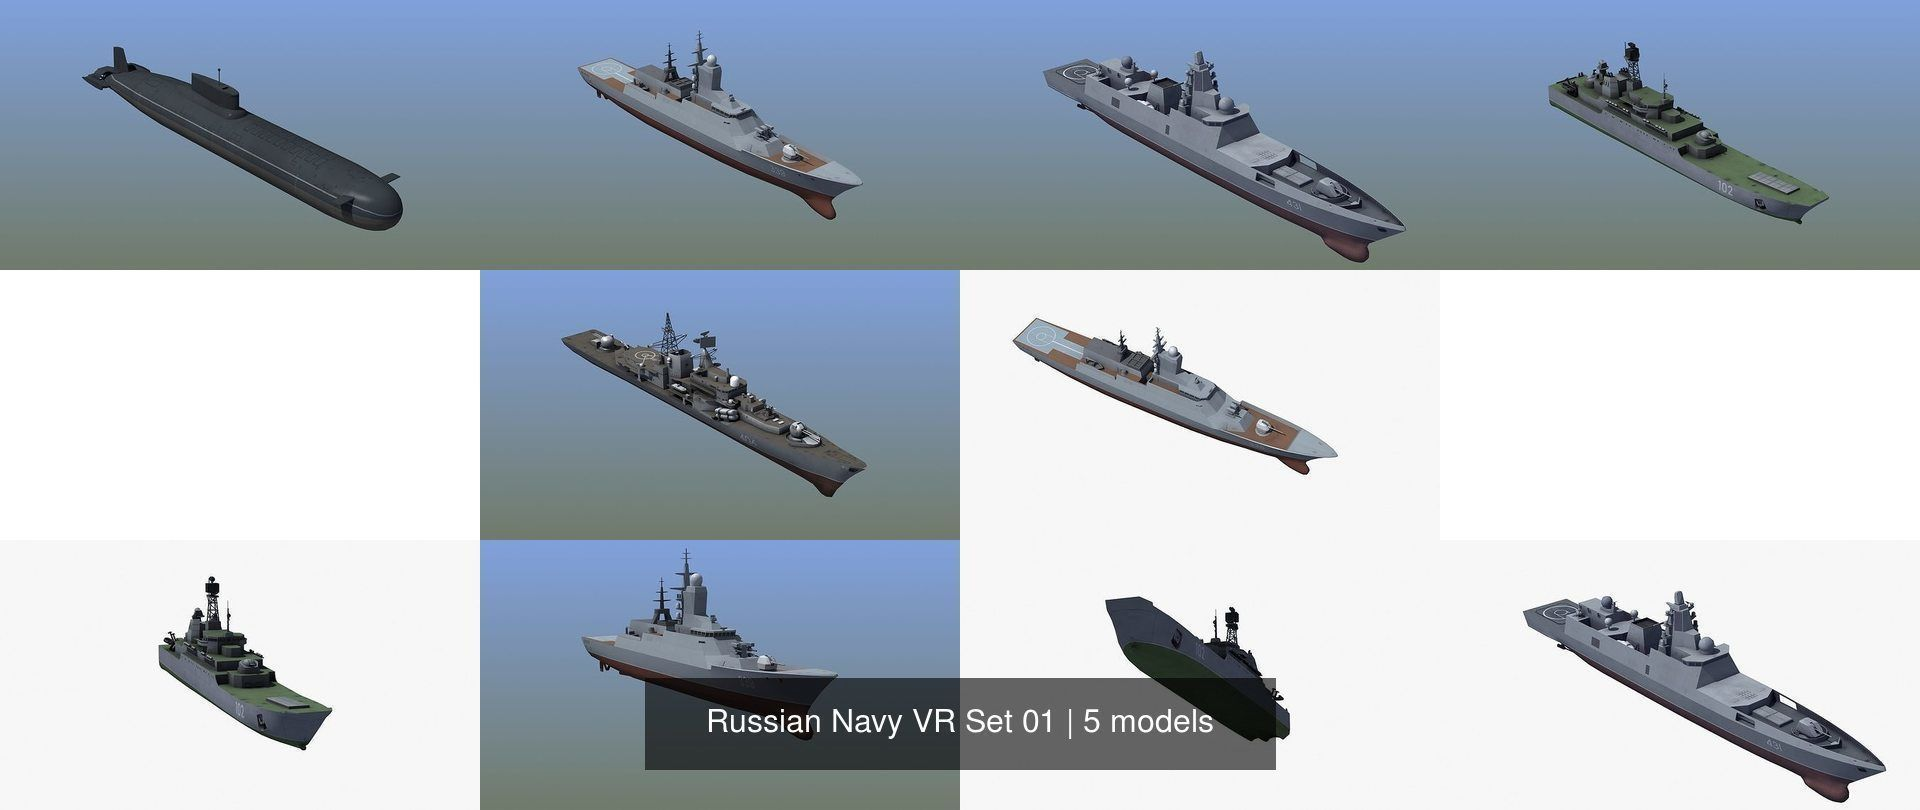 Russian Navy VR Set 01